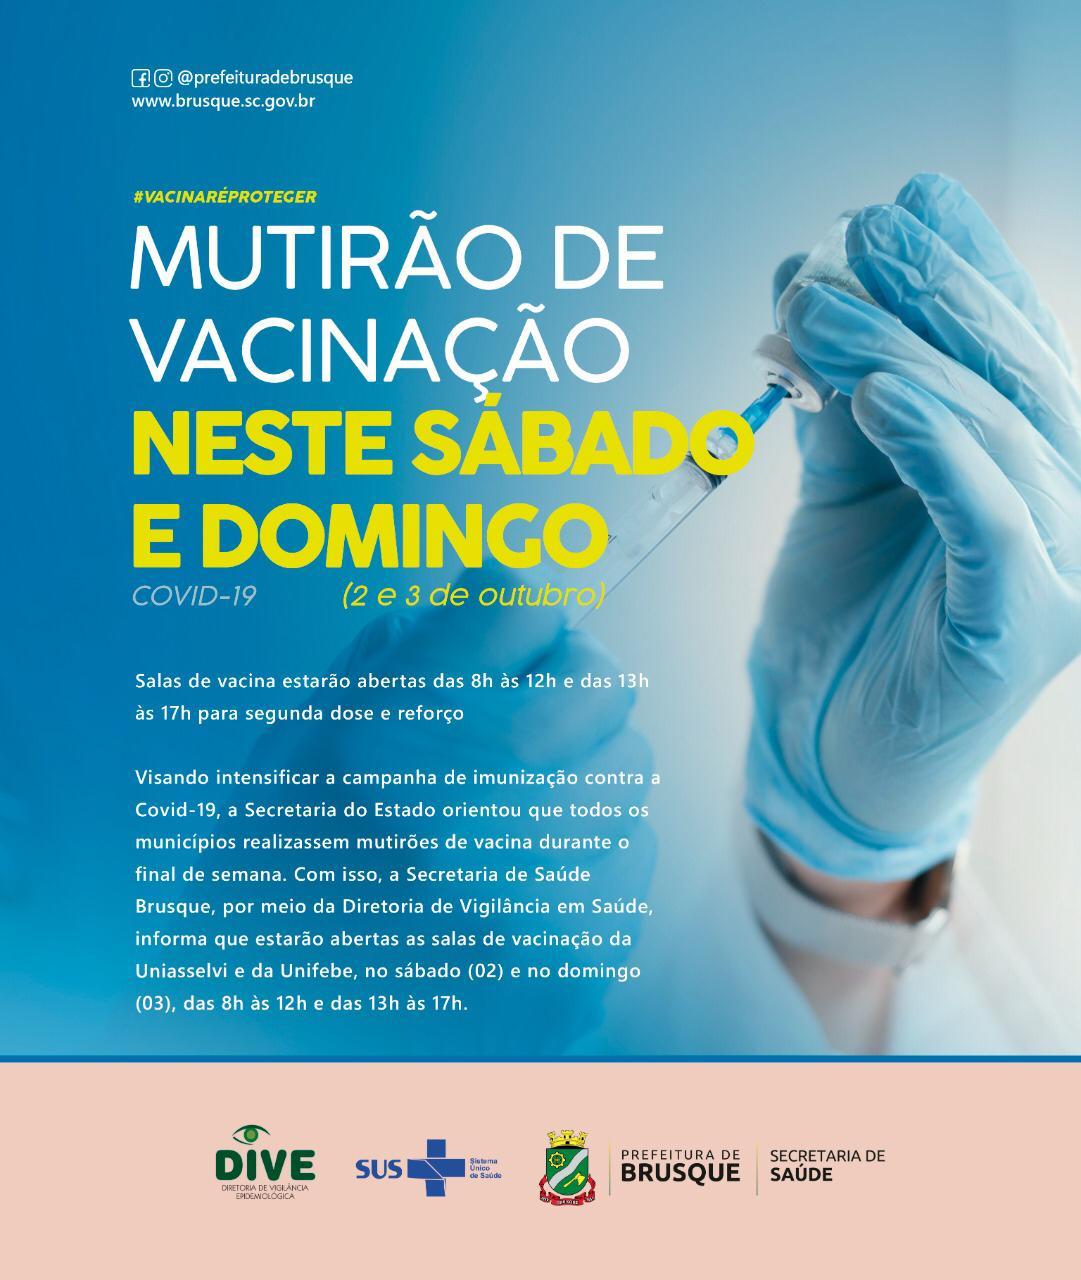 Covid-19: Mutirão de vacinação ocorre neste sábado e domingo em Brusque